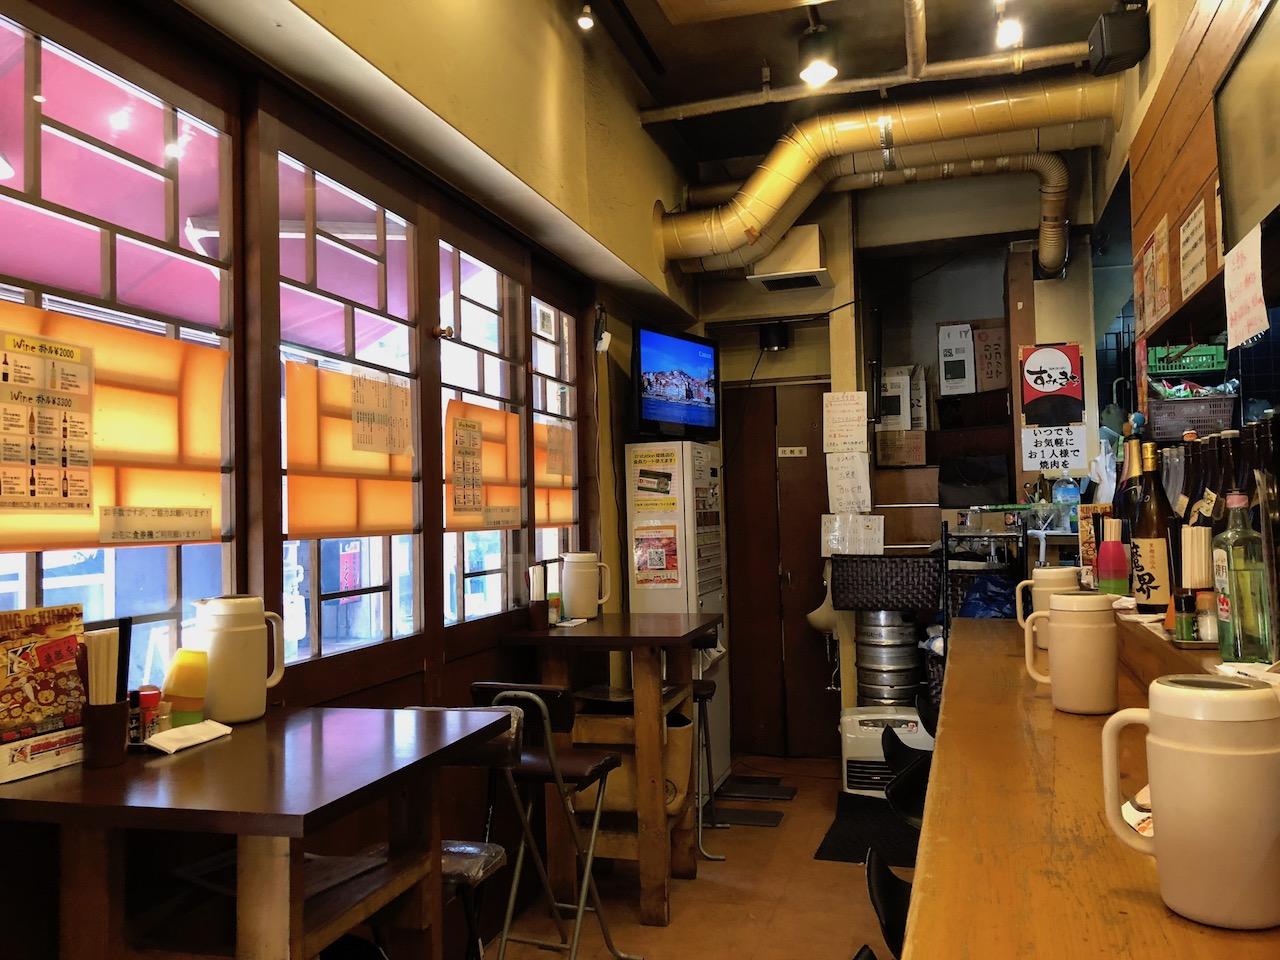 早速のリピート...姫路駅前の焼肉屋さん「すみきち」で今度はランチにカルビ丼食べてみたら・・・